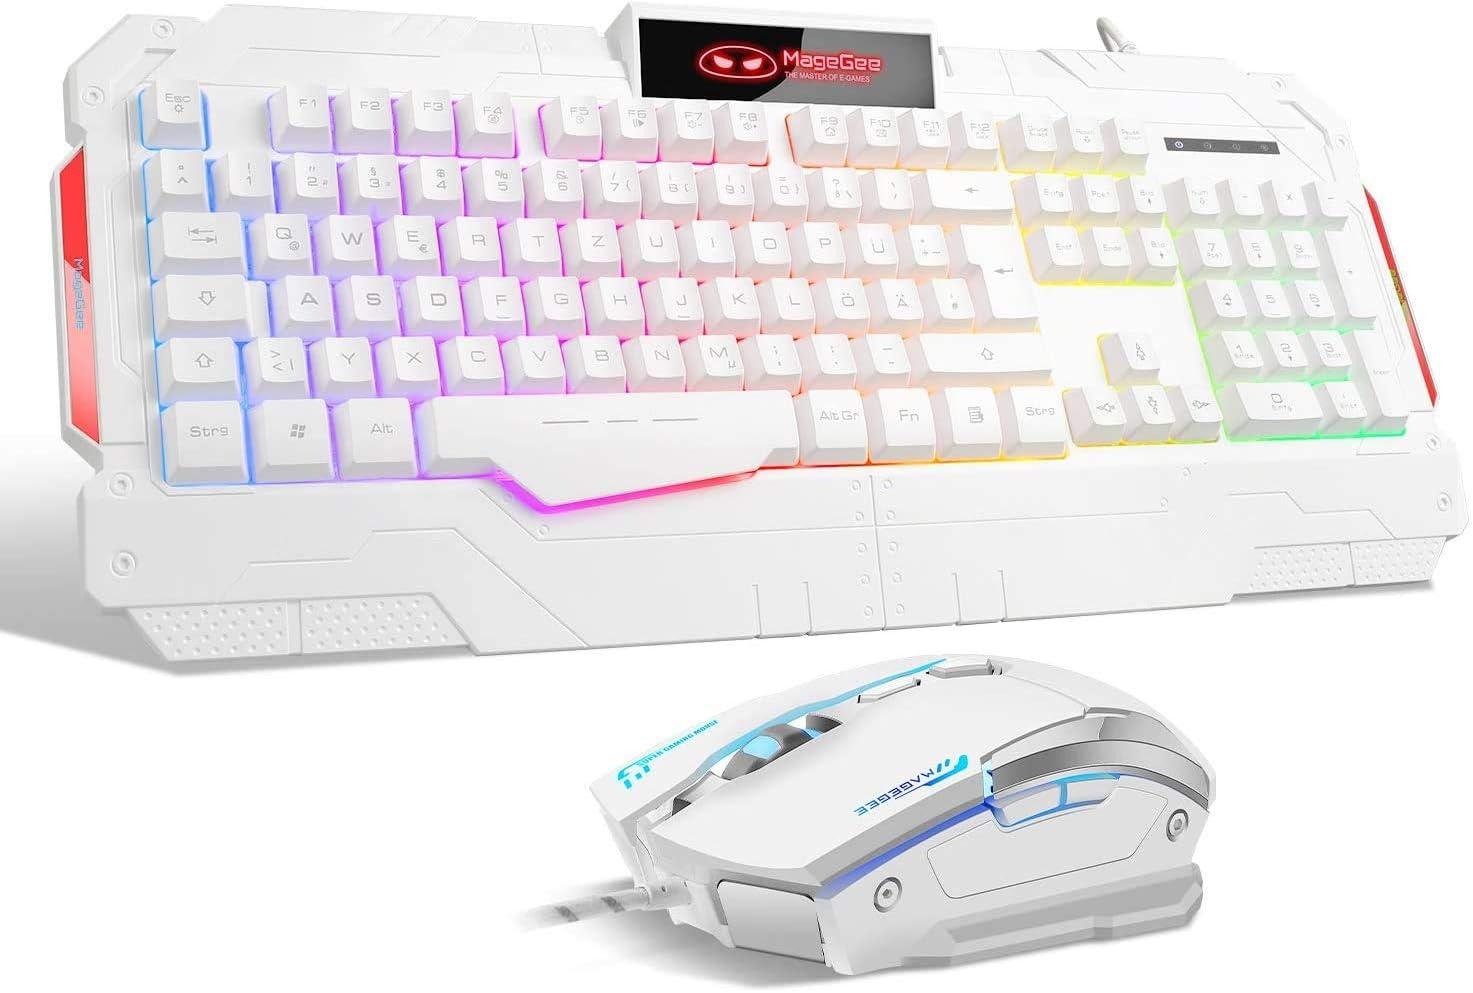 Teclado para juegos Qwertz GK806 Rainbow, retroiluminación ...